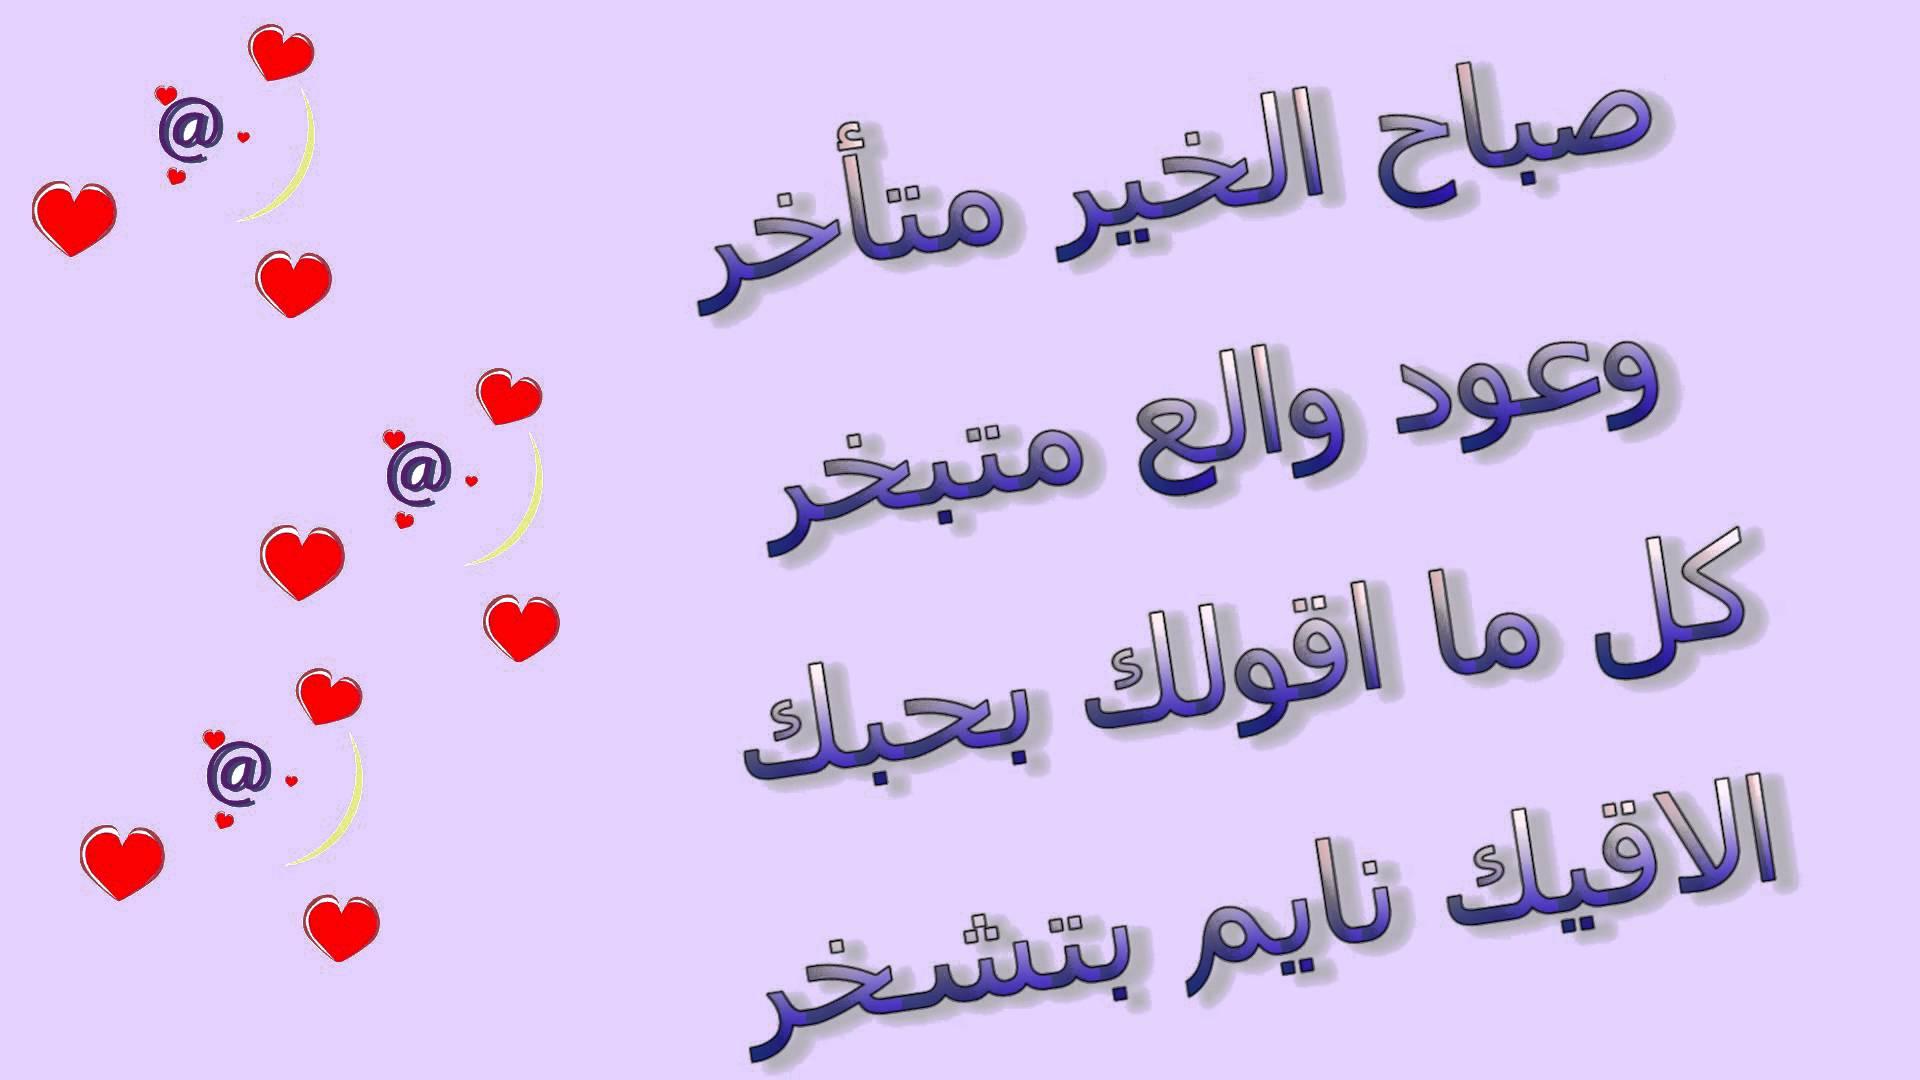 بالصور صباح الورد حبيبي , صور صباح الحب و الورد للحبيب 885 8